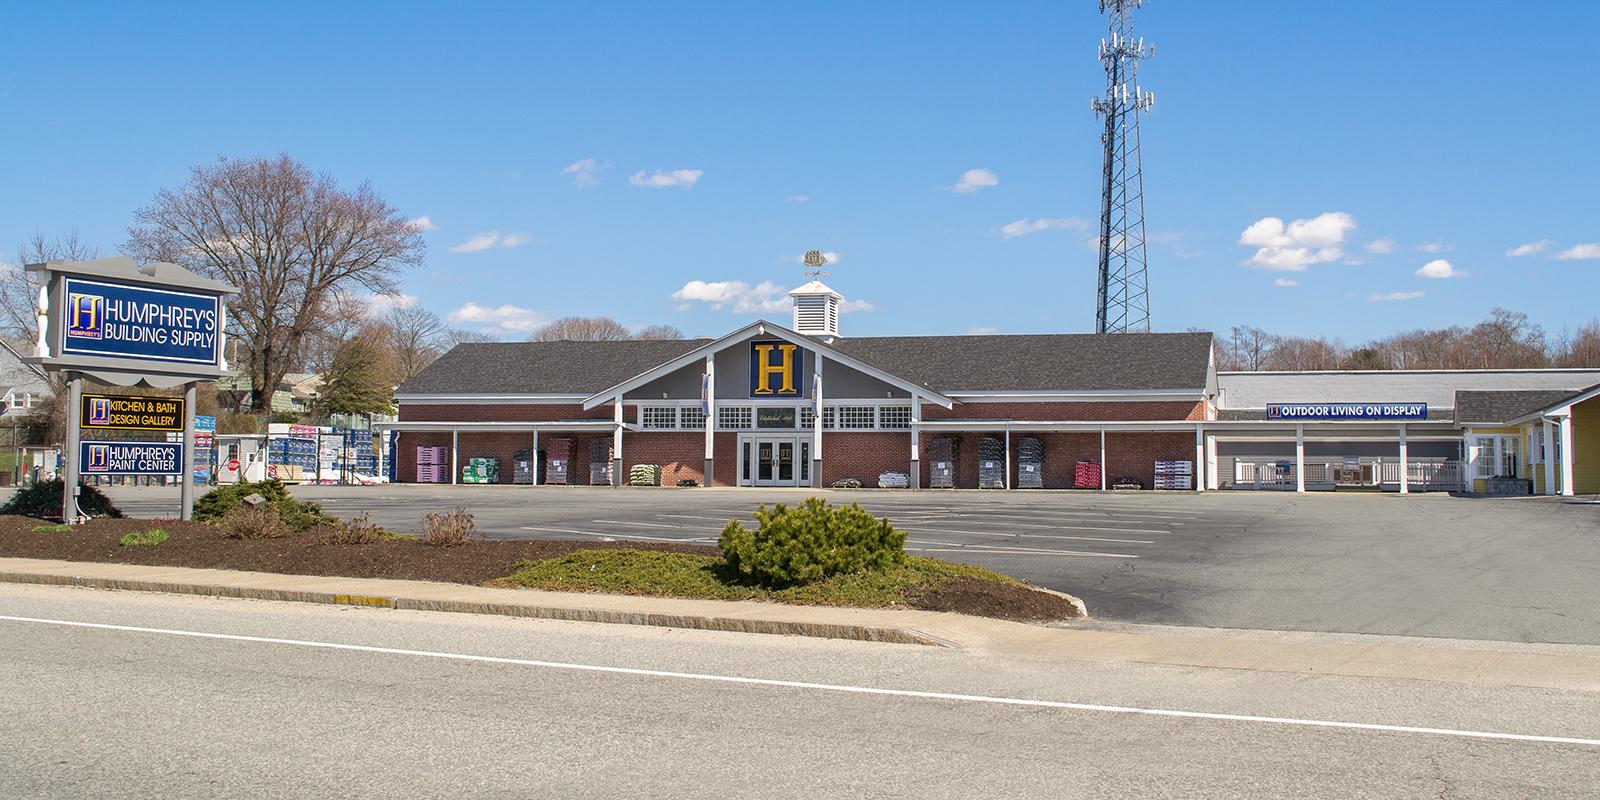 Humphrey's Paint Center - Tiverton